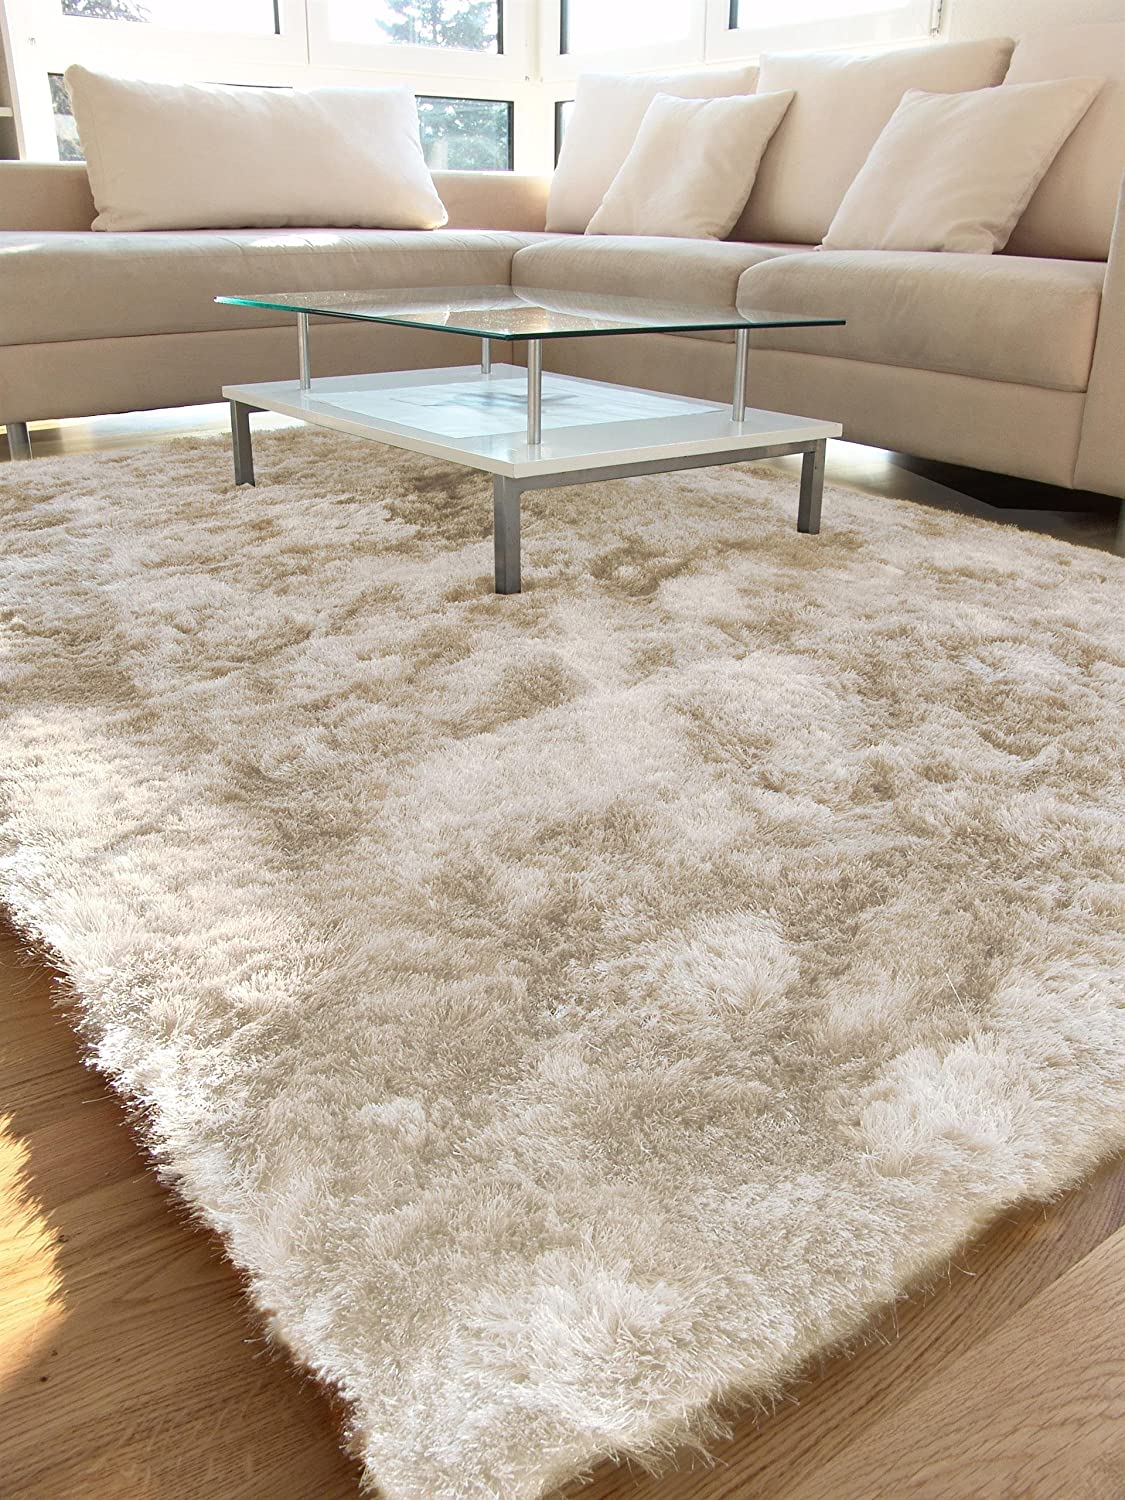 Kuscheliger teppich  benuta Shaggy Hochflor Teppich Whisper Beige 160x230 cm | Langflor ...